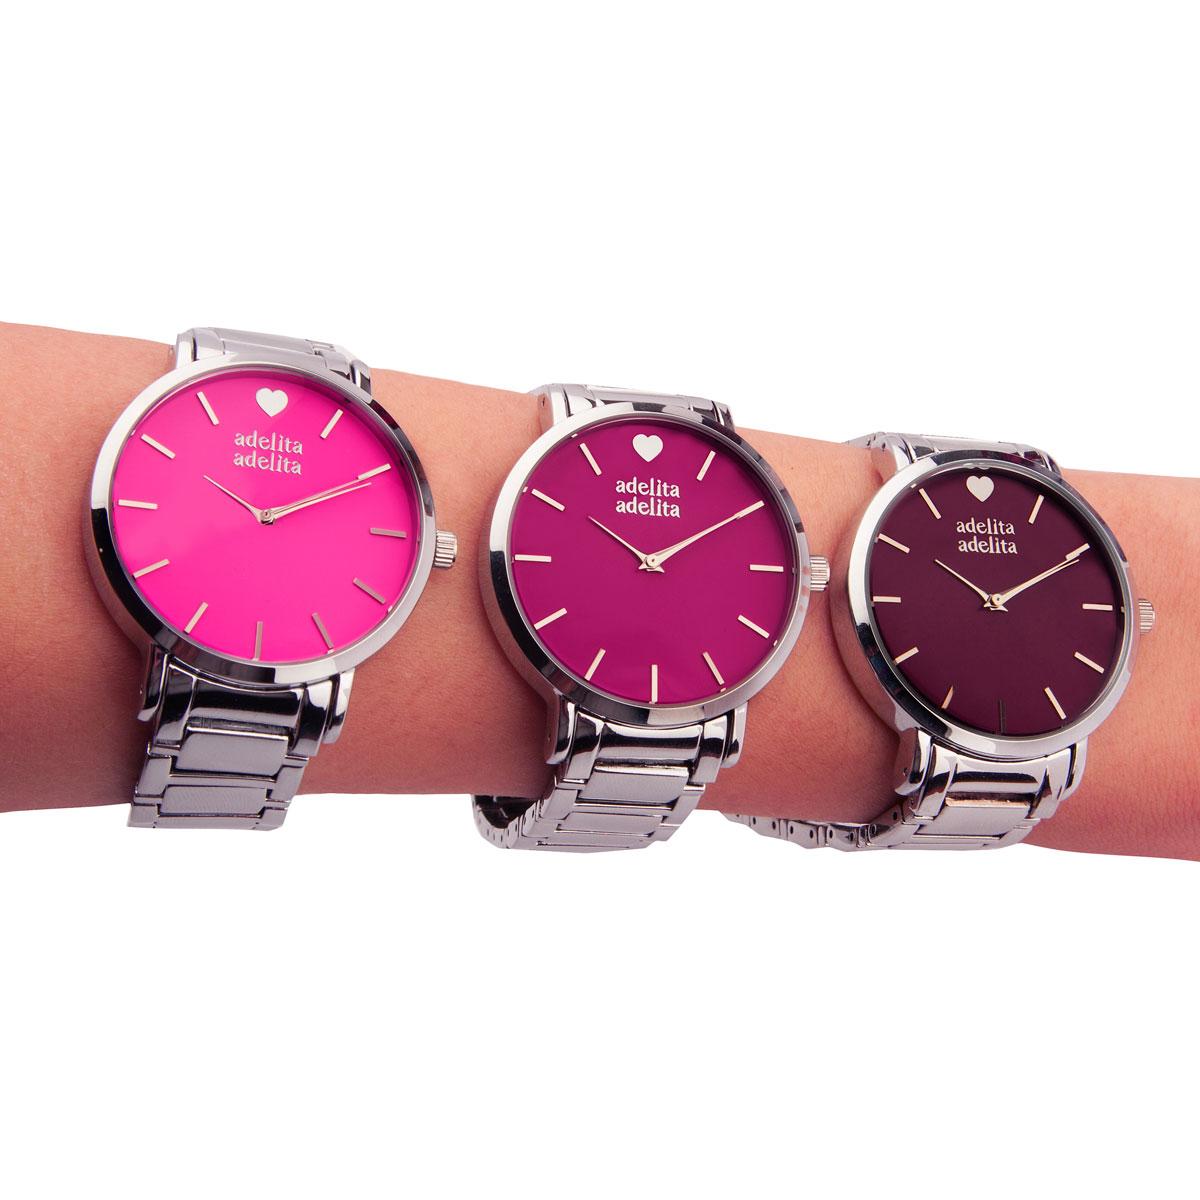 colores-relojes-corazon